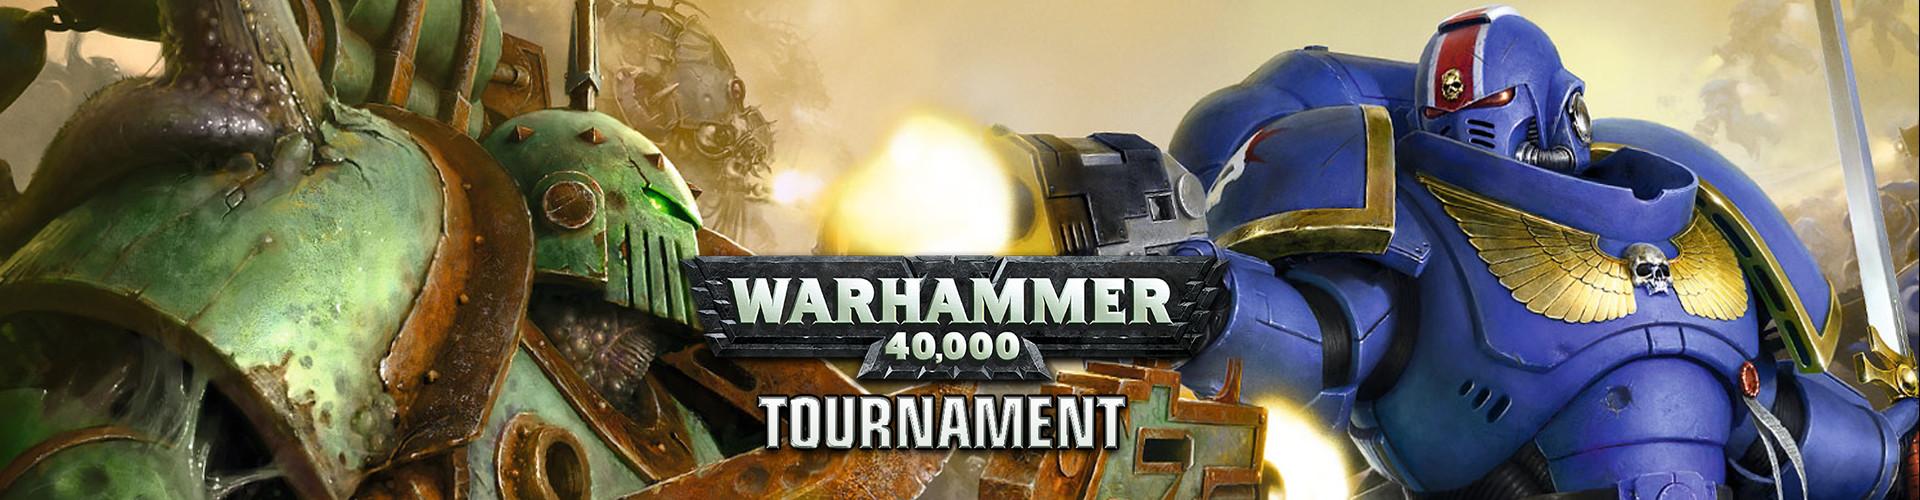 TNM 02 Warhammer40 Turnier - Turnier WARHAMMER 40K